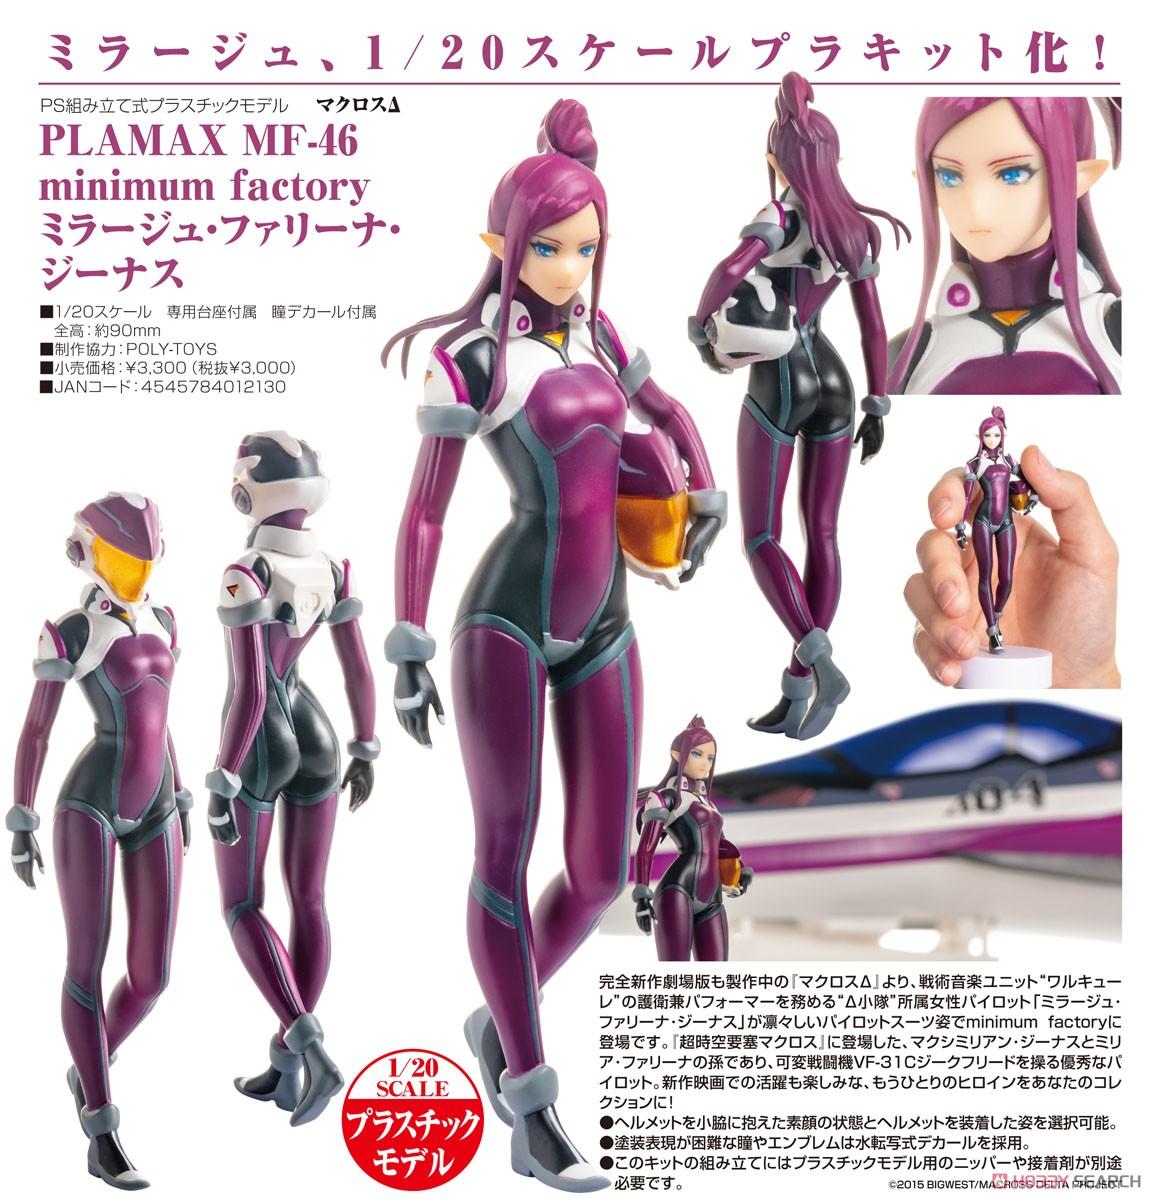 PLAMAX MF-46 minimum factory『ミラージュ・ファリーナ・ジーナス』マクロスΔ 1/20 プラモデル-009